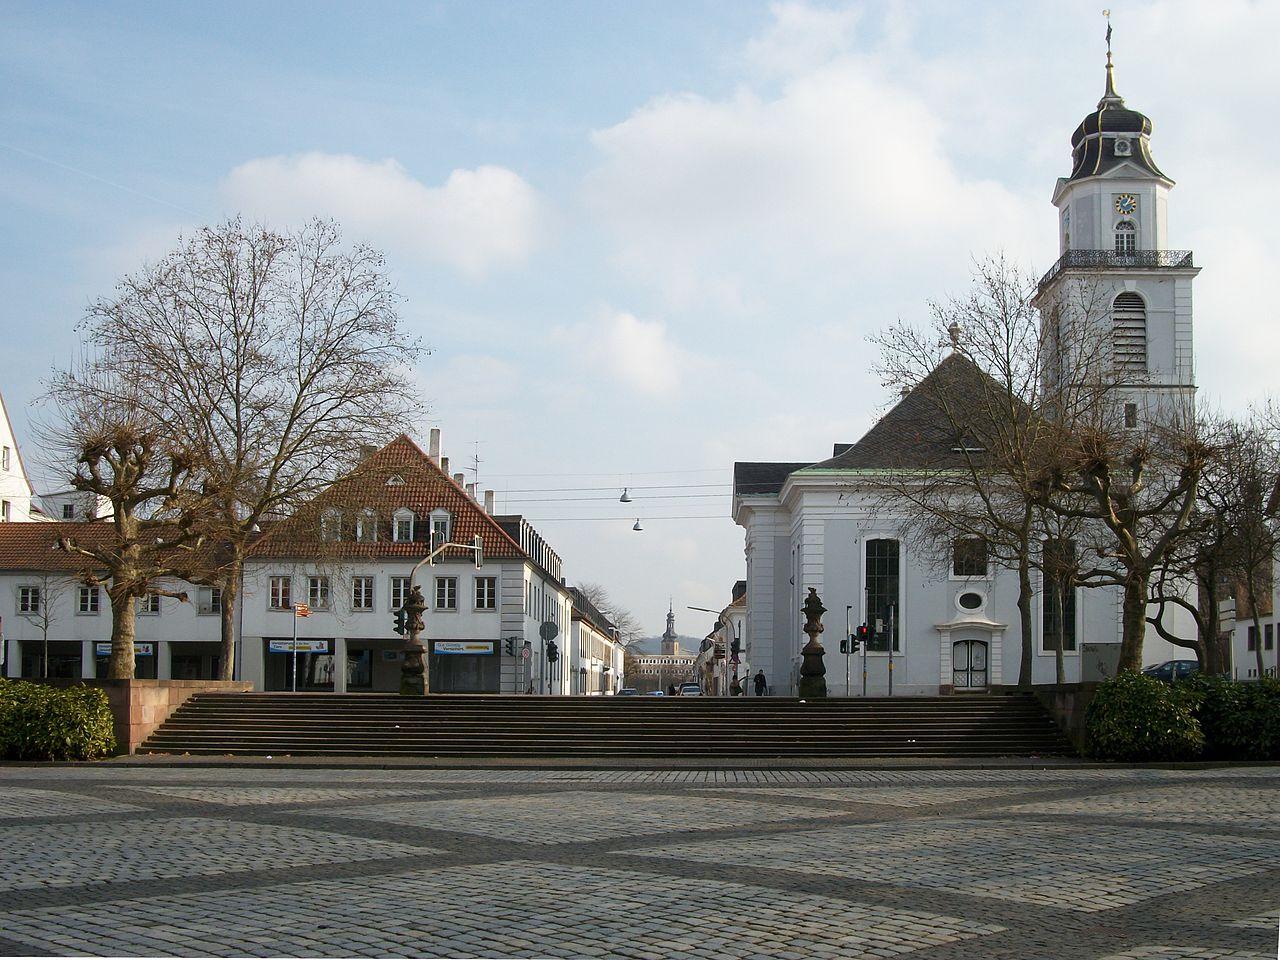 Bild Friedenskirche Saarbrücken